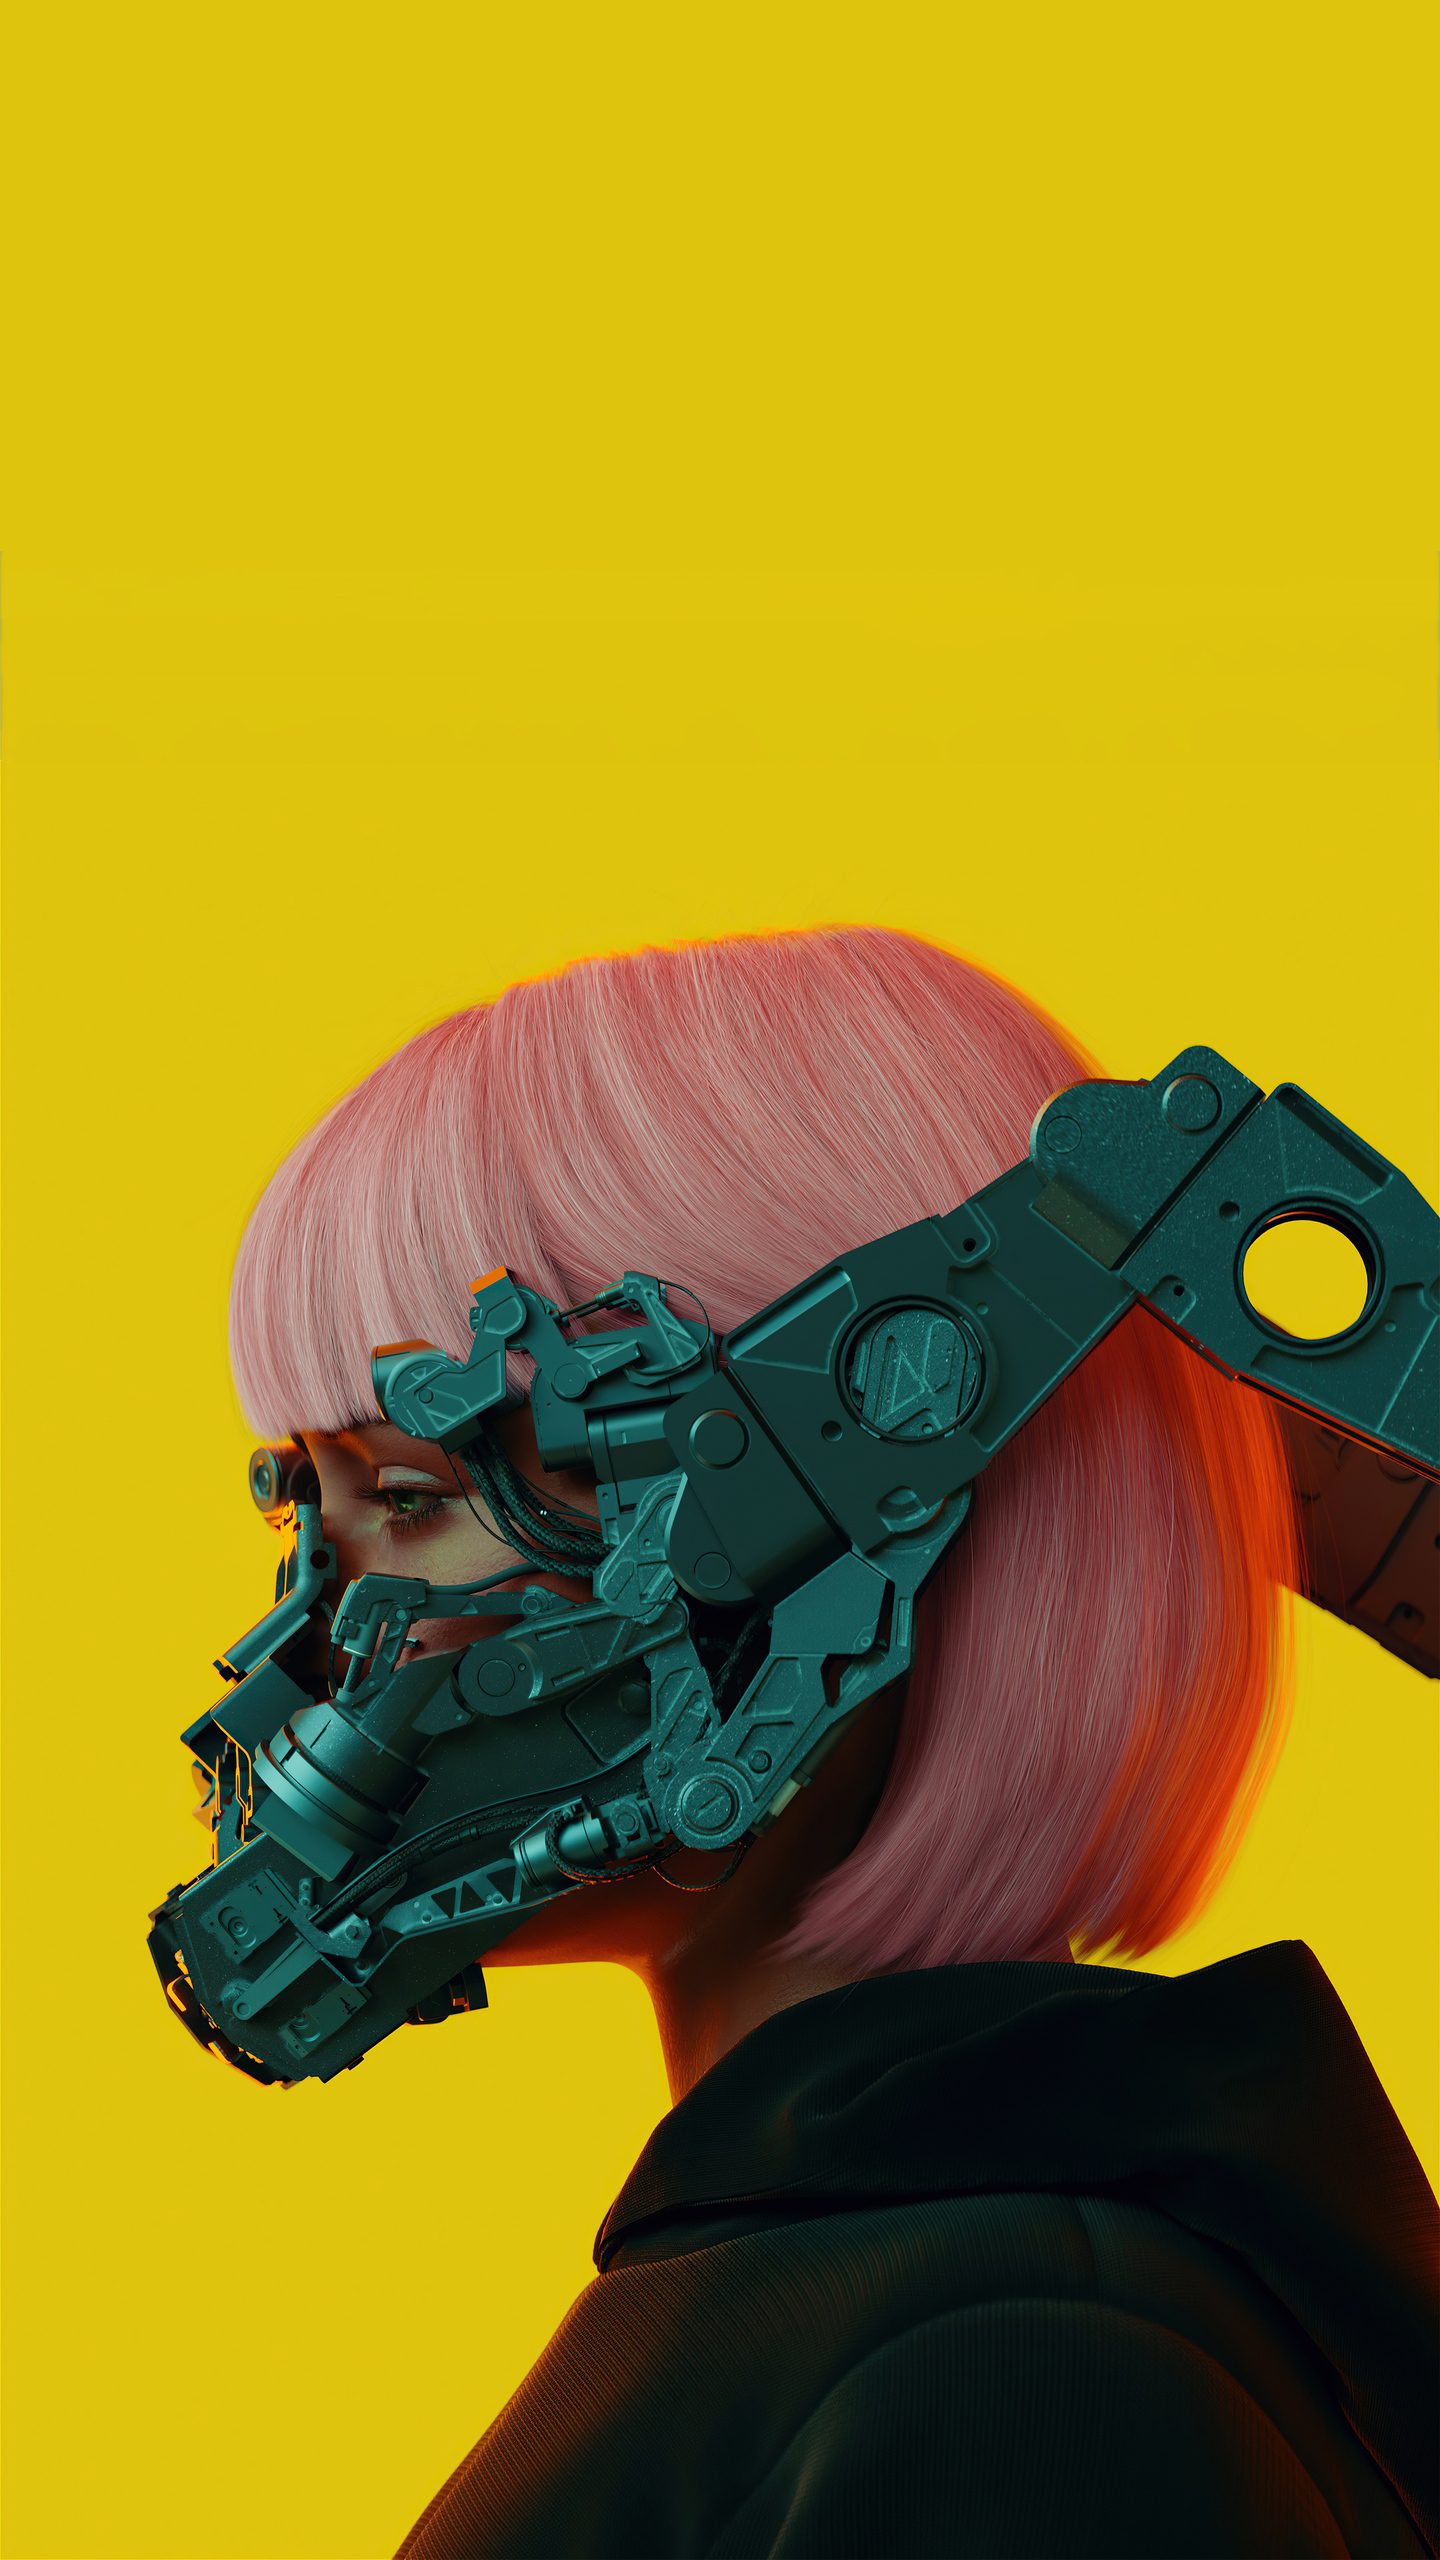 cyber-girl-5k-lv.jpg